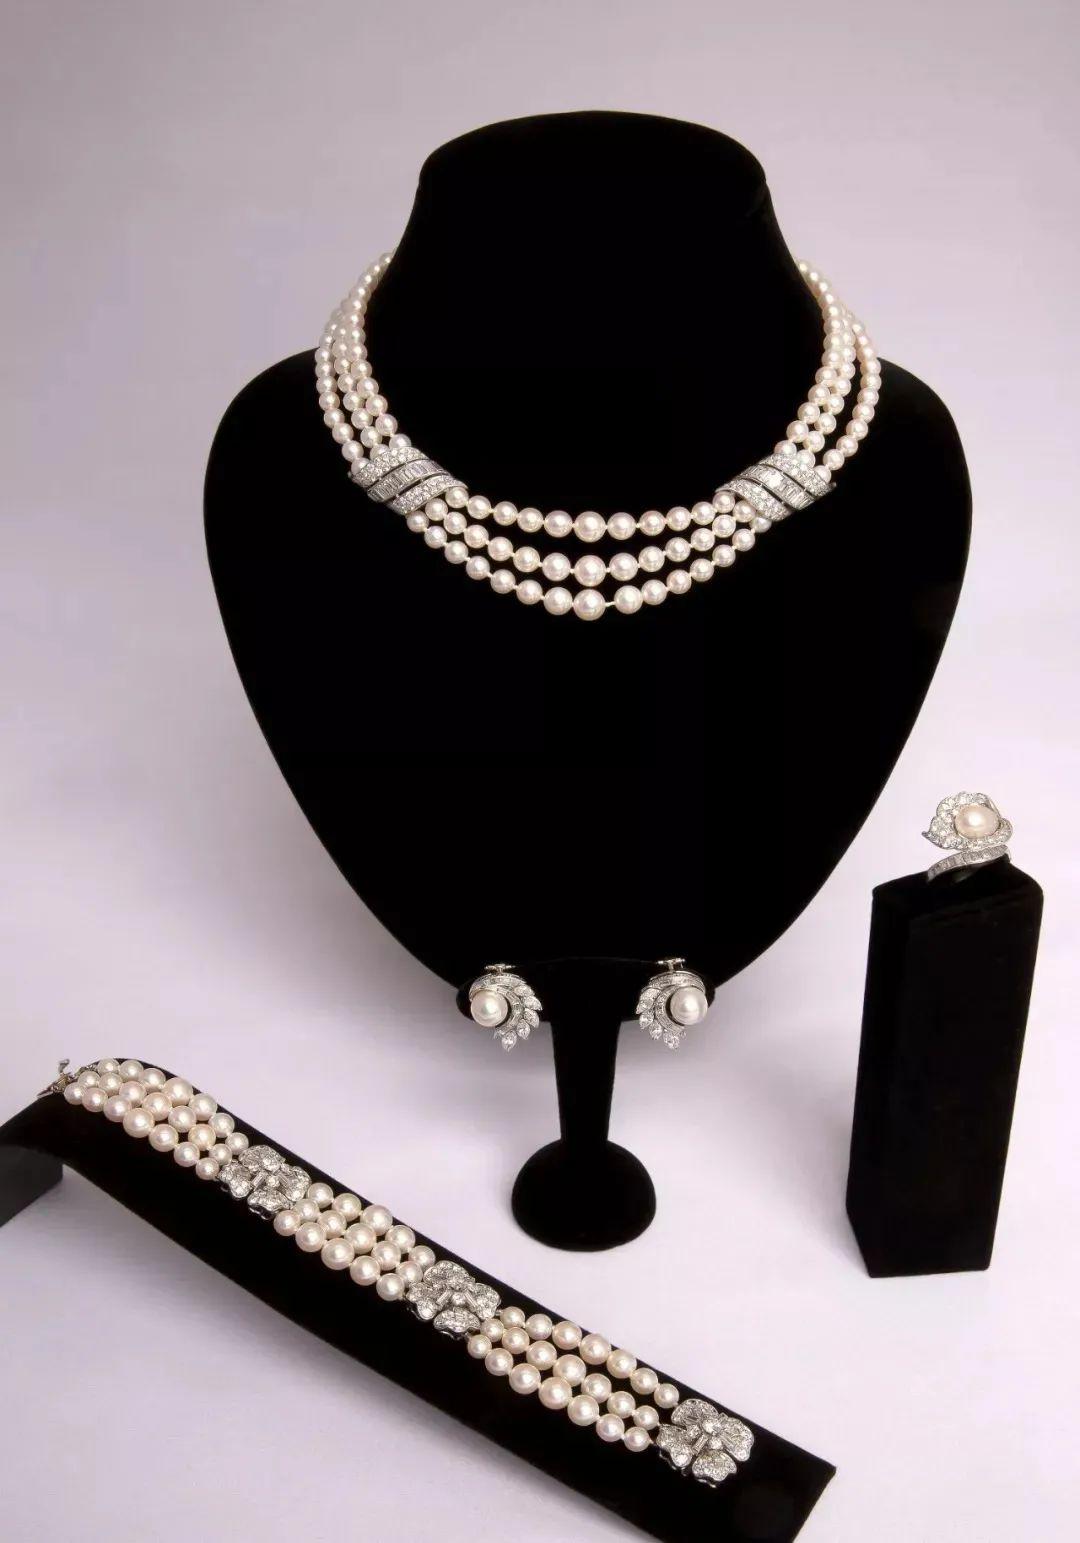 大明星擁有的珠寶,在她們面前都不夠看